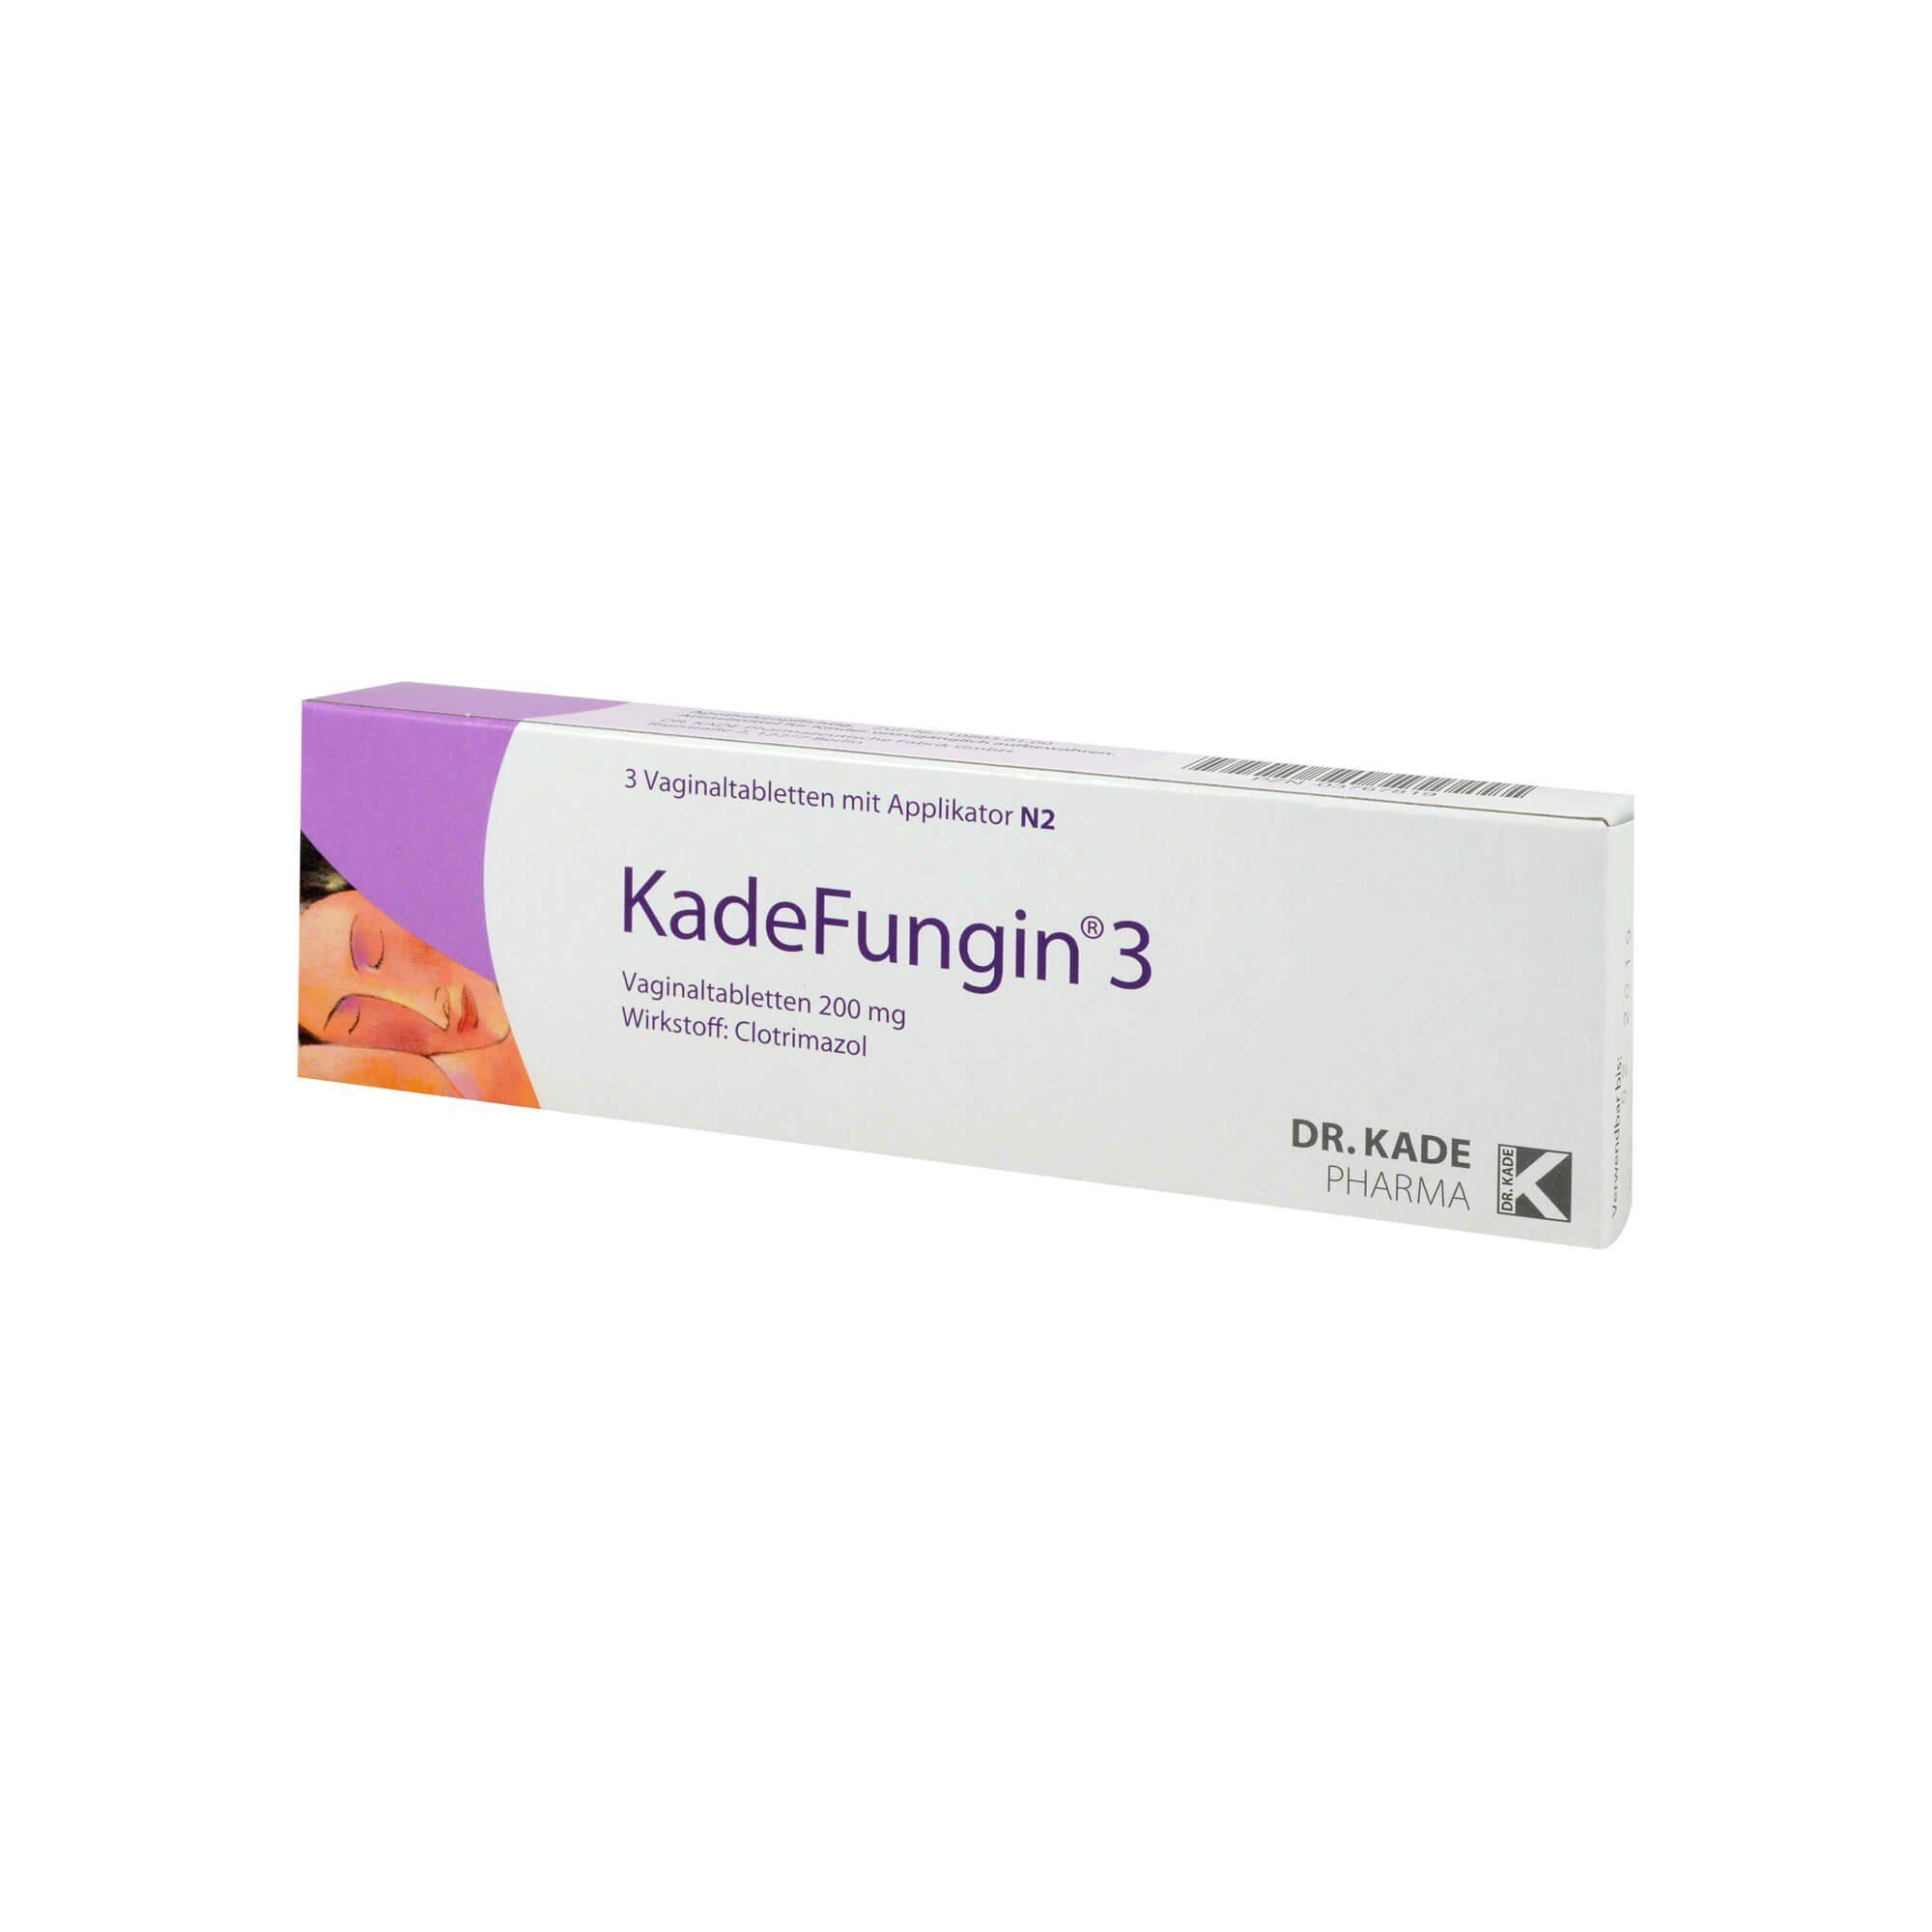 Kadefungin 3 Vaginaltabletten, 3 St